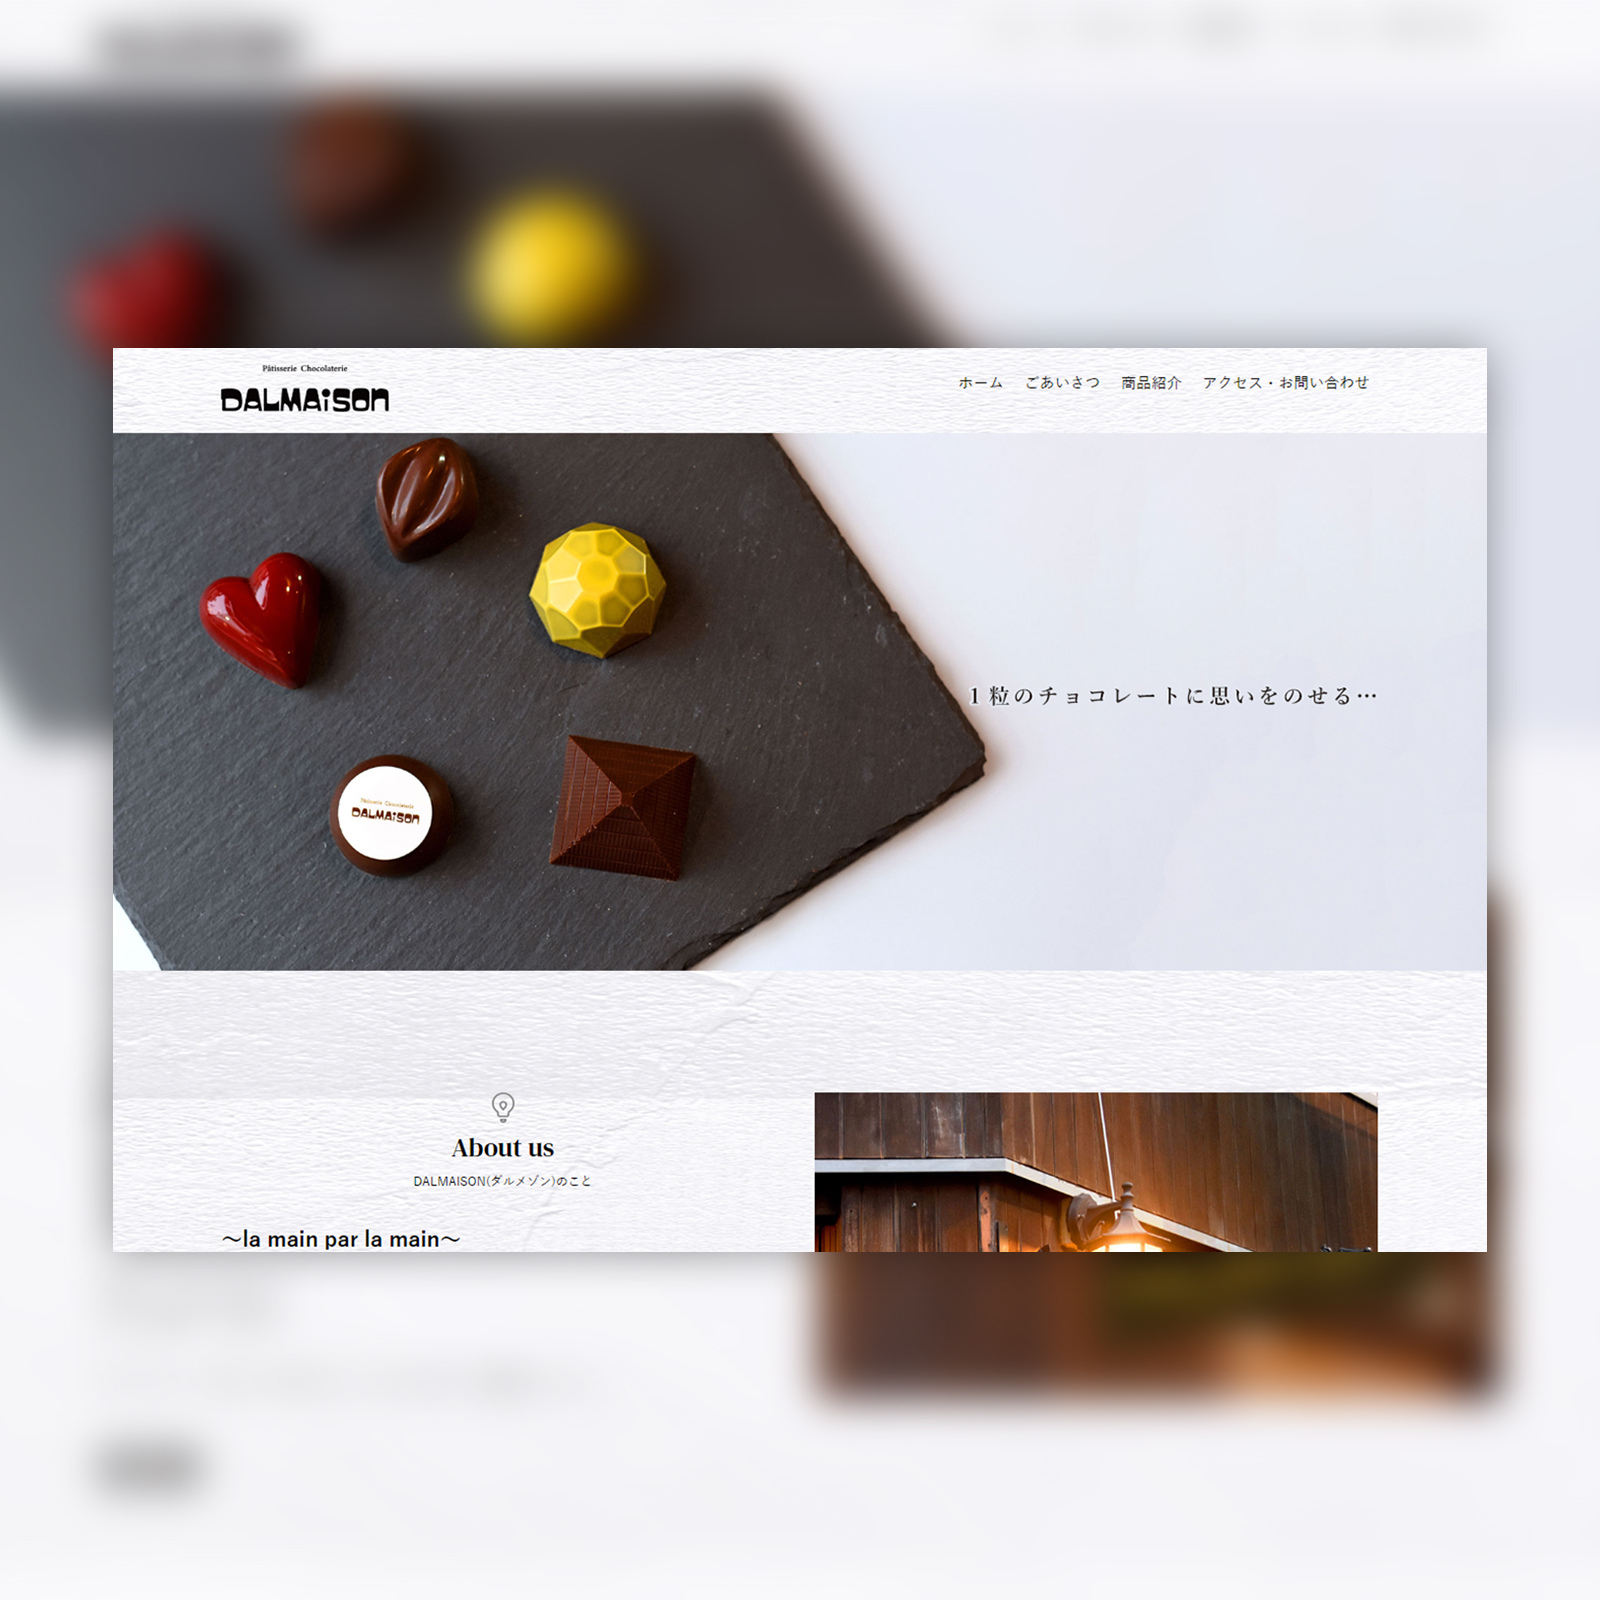 パティスリー ショコラトリー DALMAISON(ダルメゾン) ホームページ